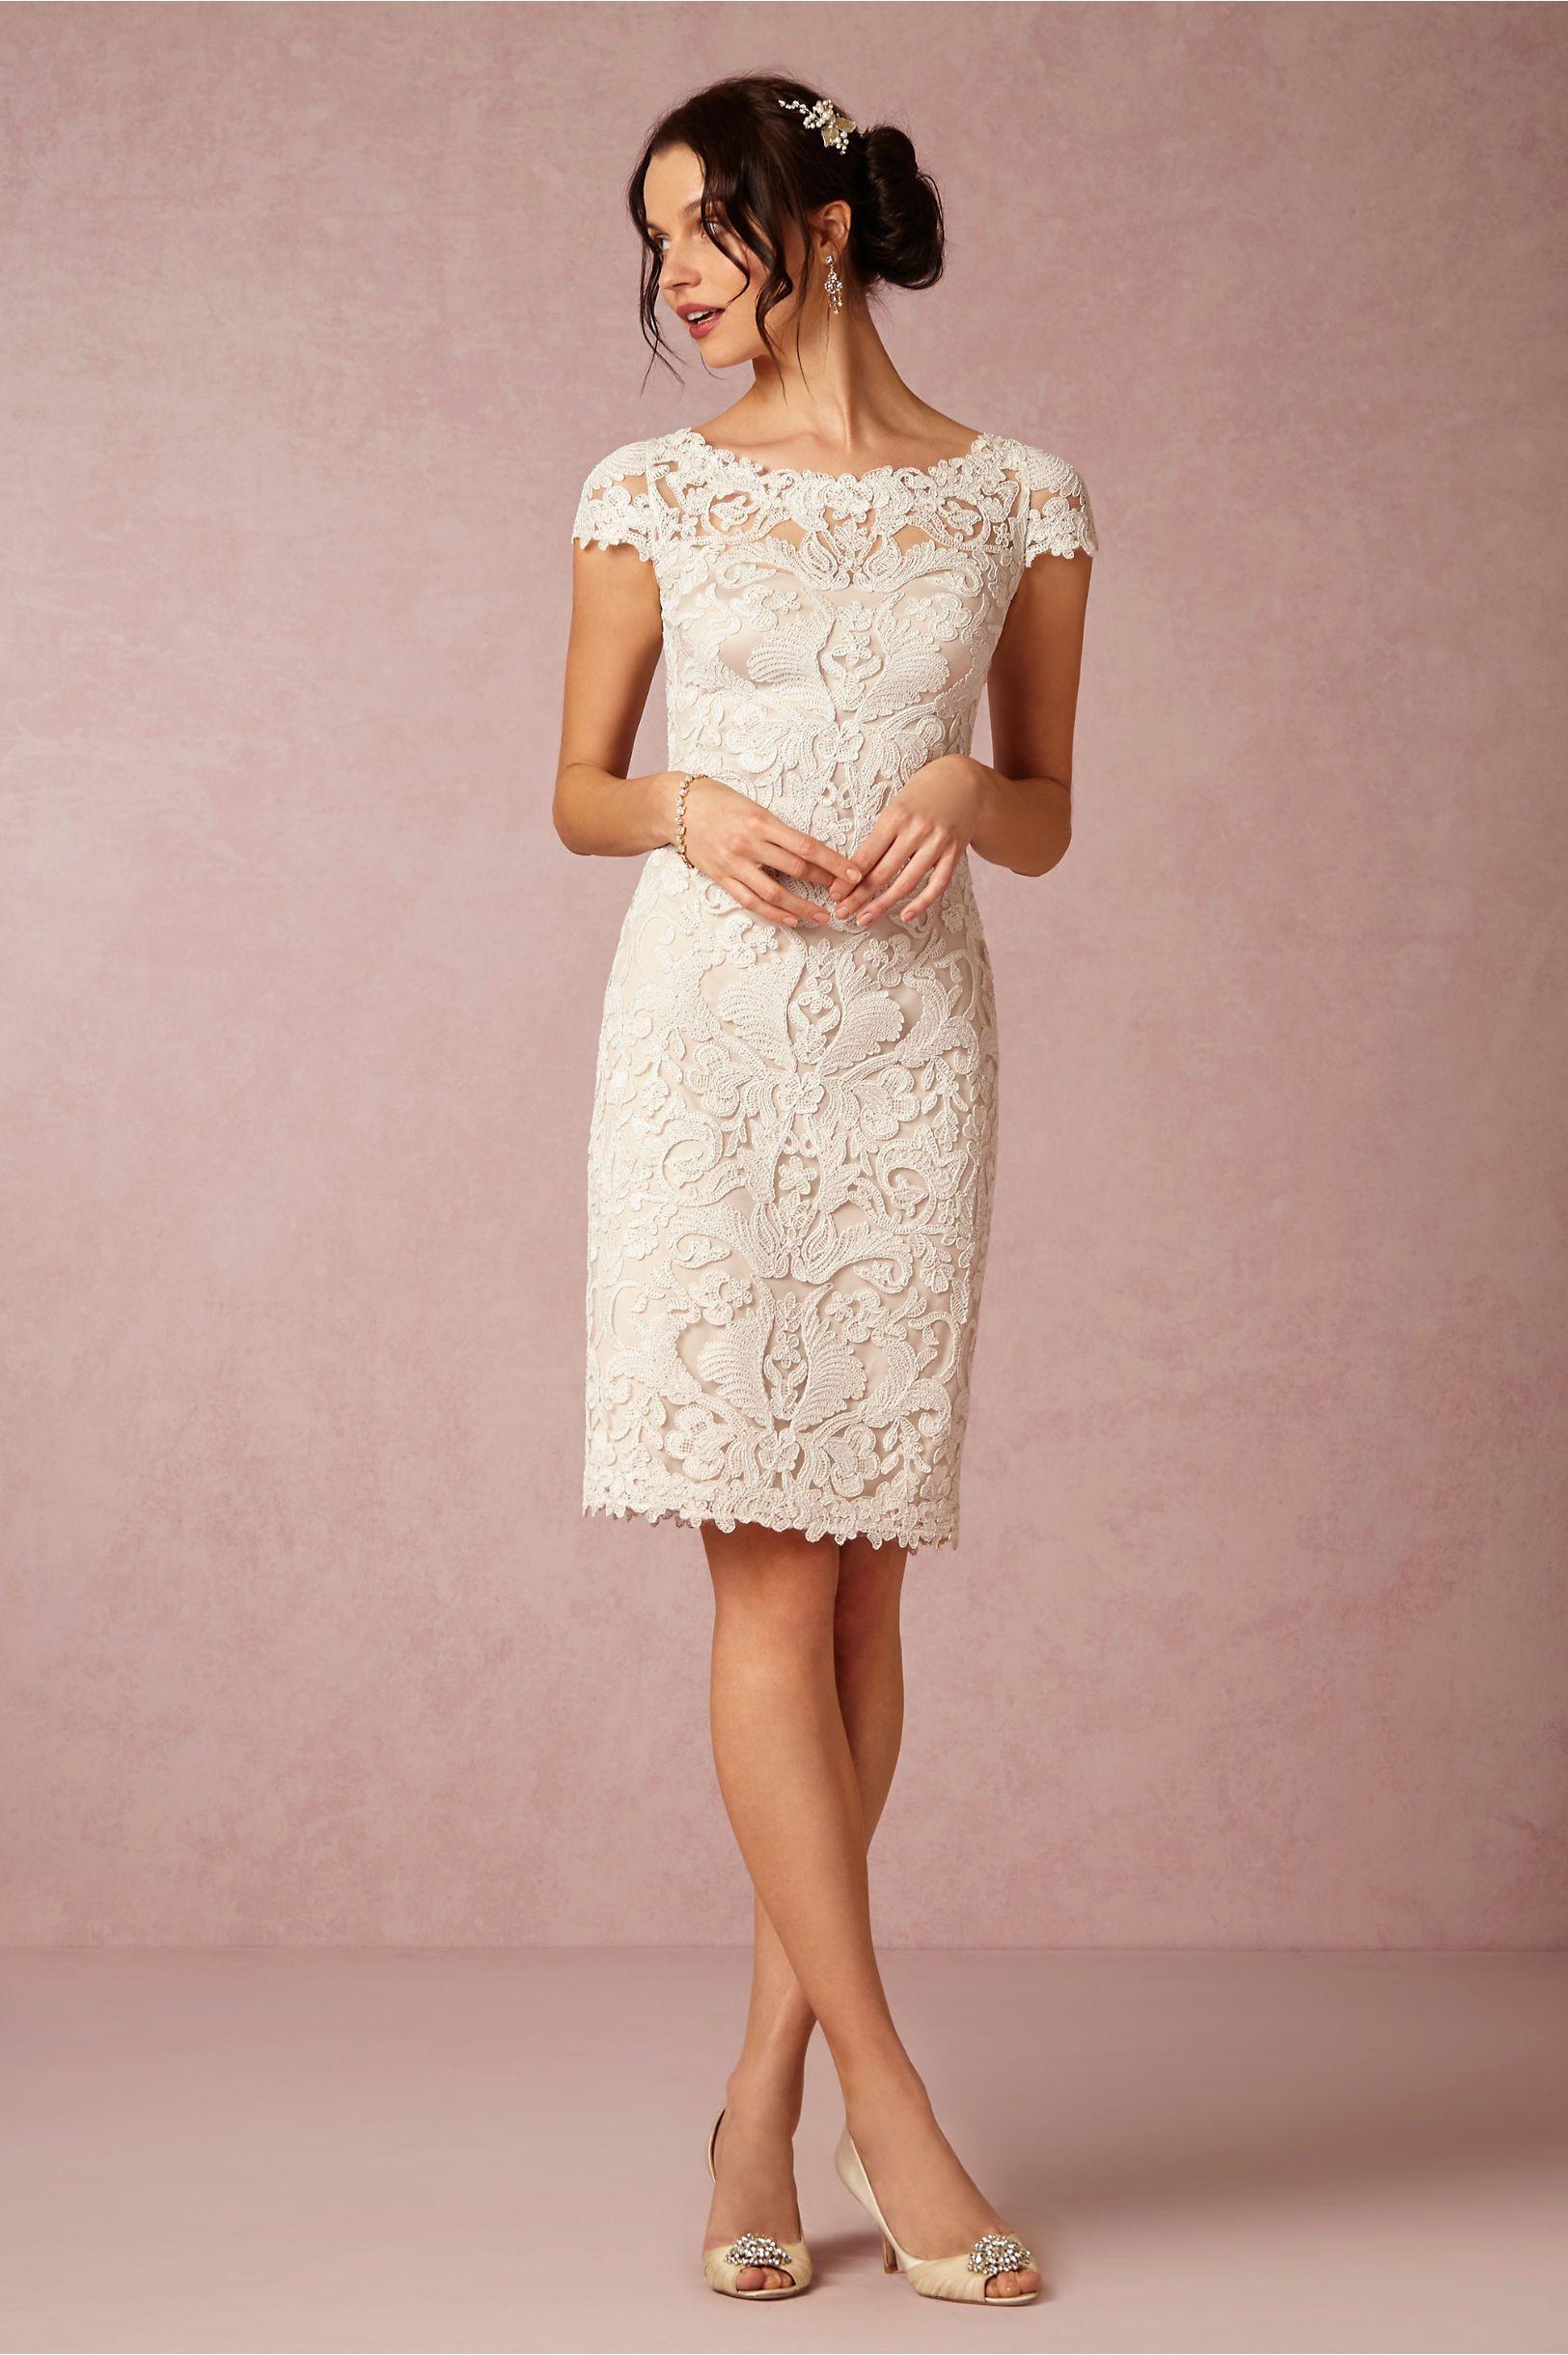 12 Top Schickes Kleid Für Hochzeit Spezialgebiet - Abendkleid